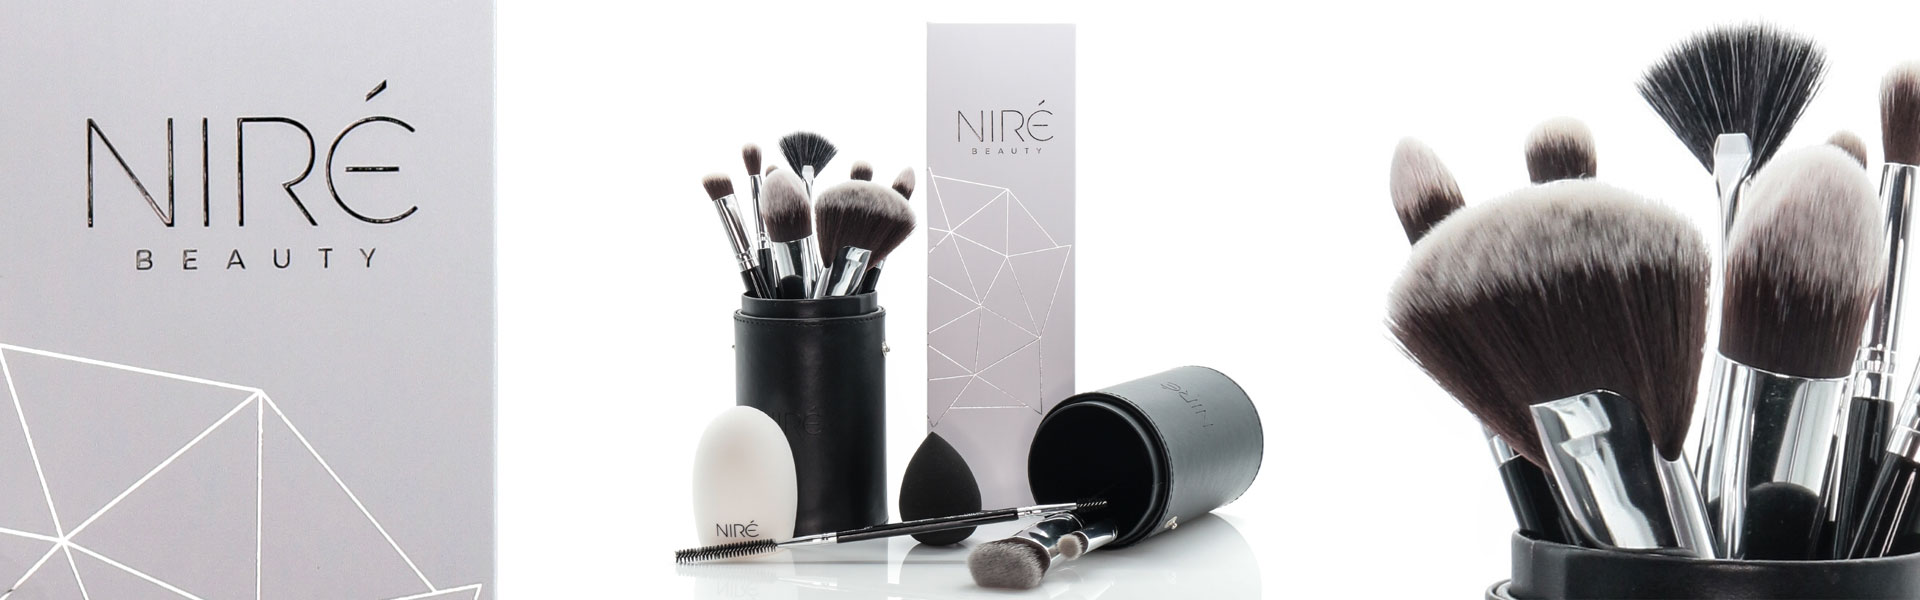 Nire-Details